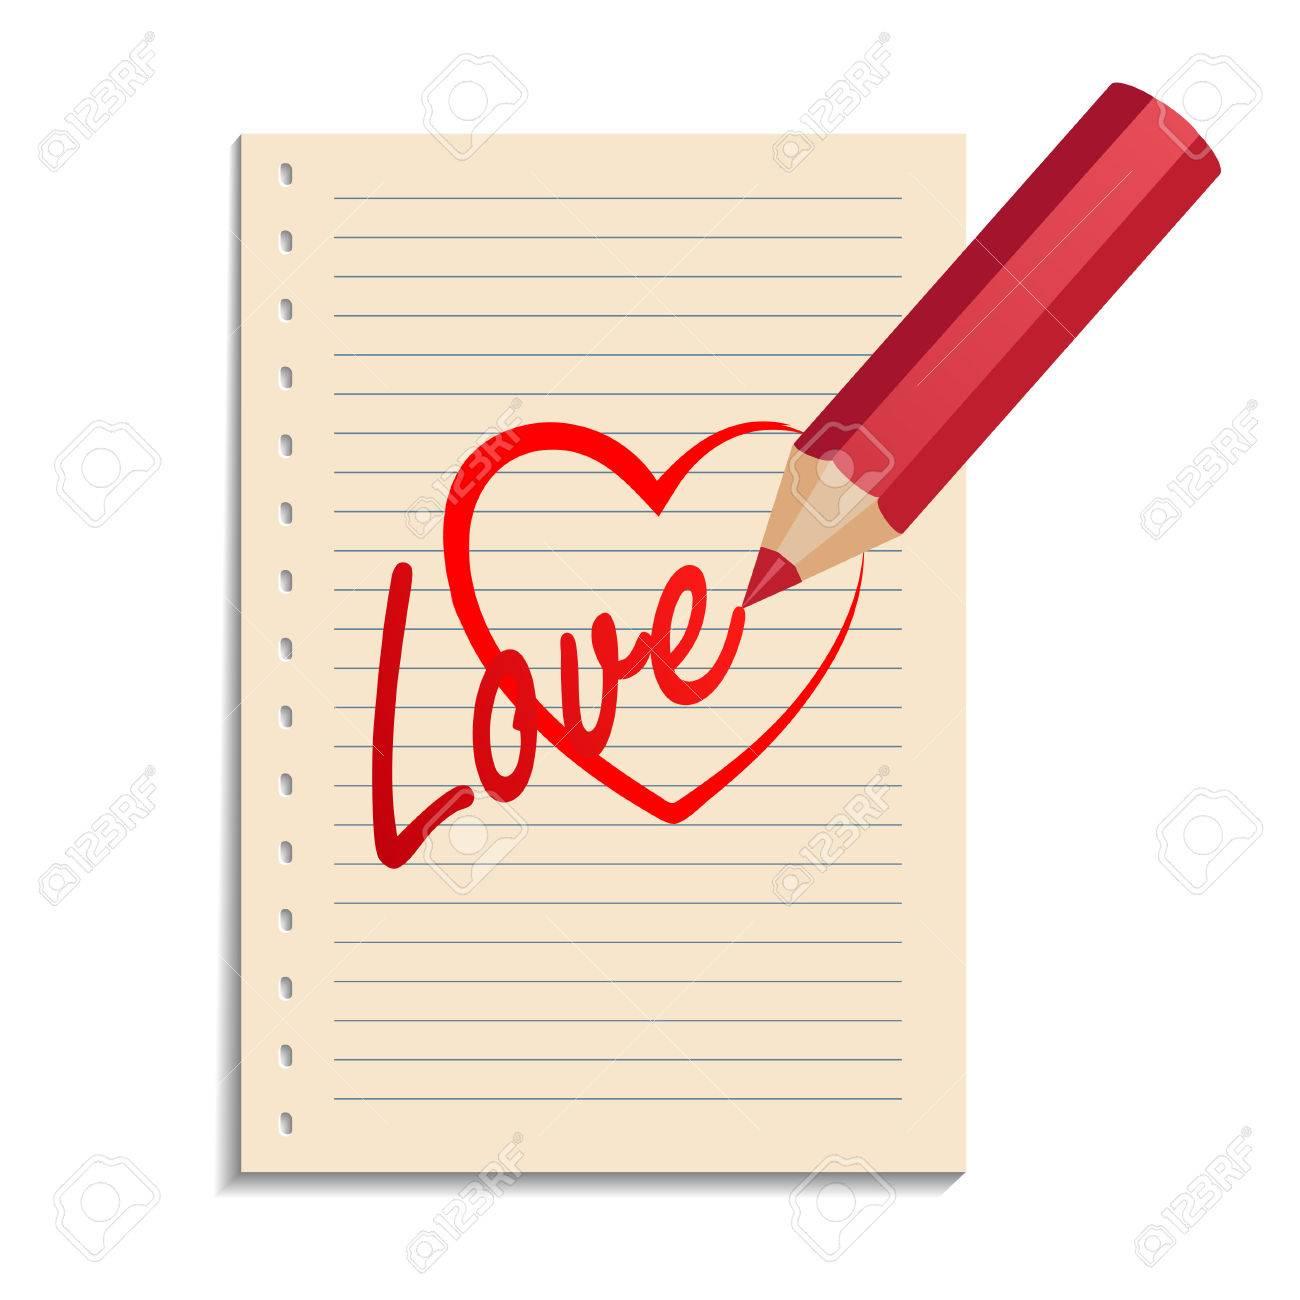 Lápiz Dibujar El Corazón Roto Ilustración Vectorial Ilustraciones